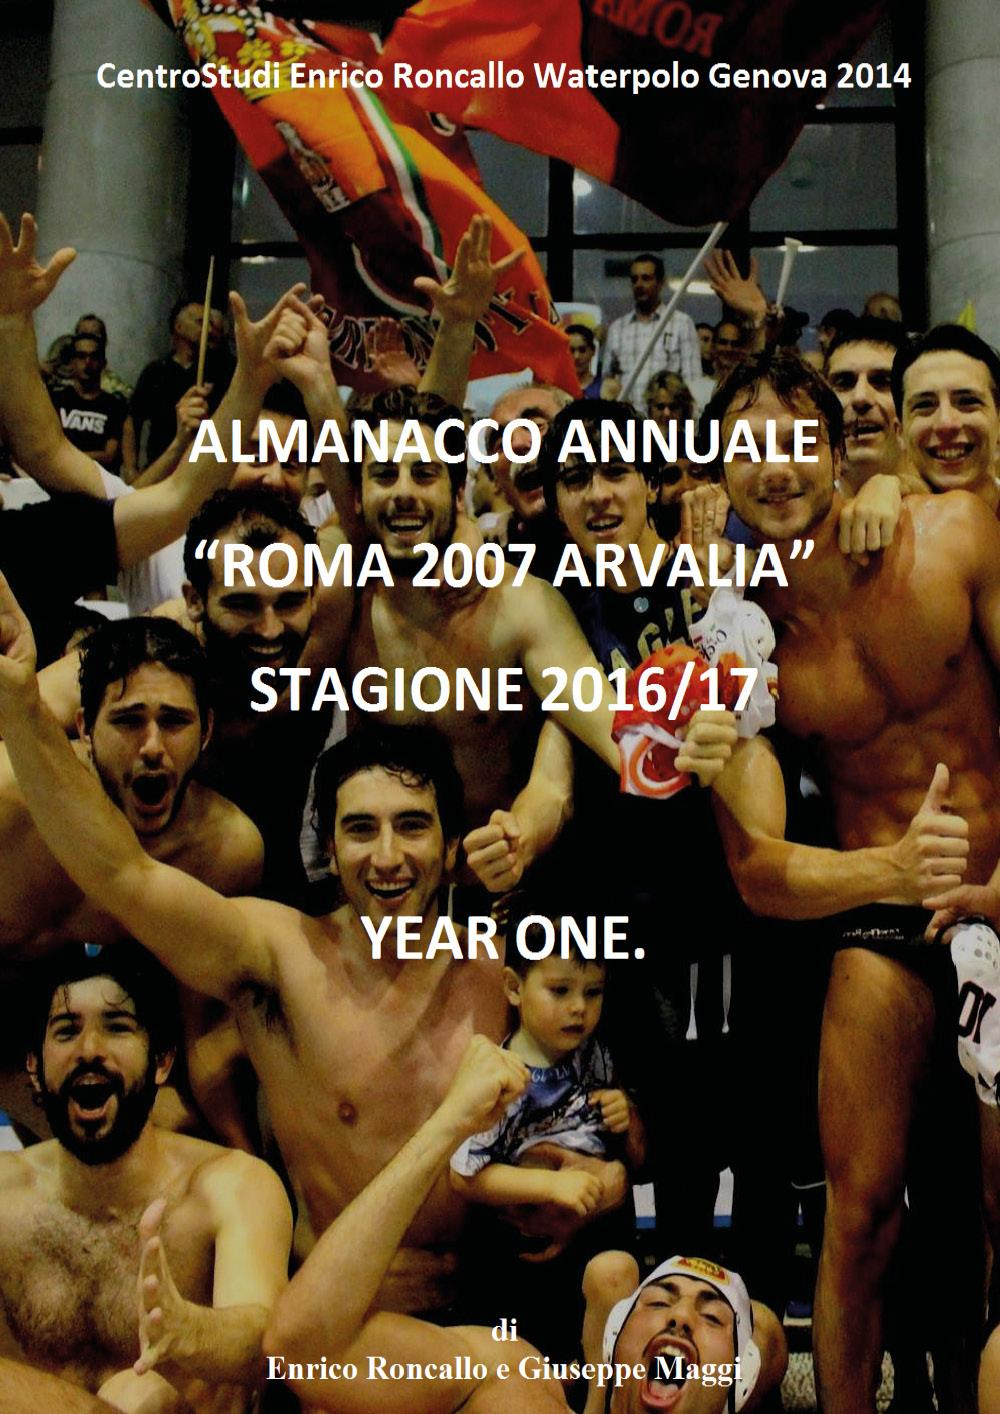 """Almanacco Annuale """"Roma 2007 Arvalia"""" 2016/17"""